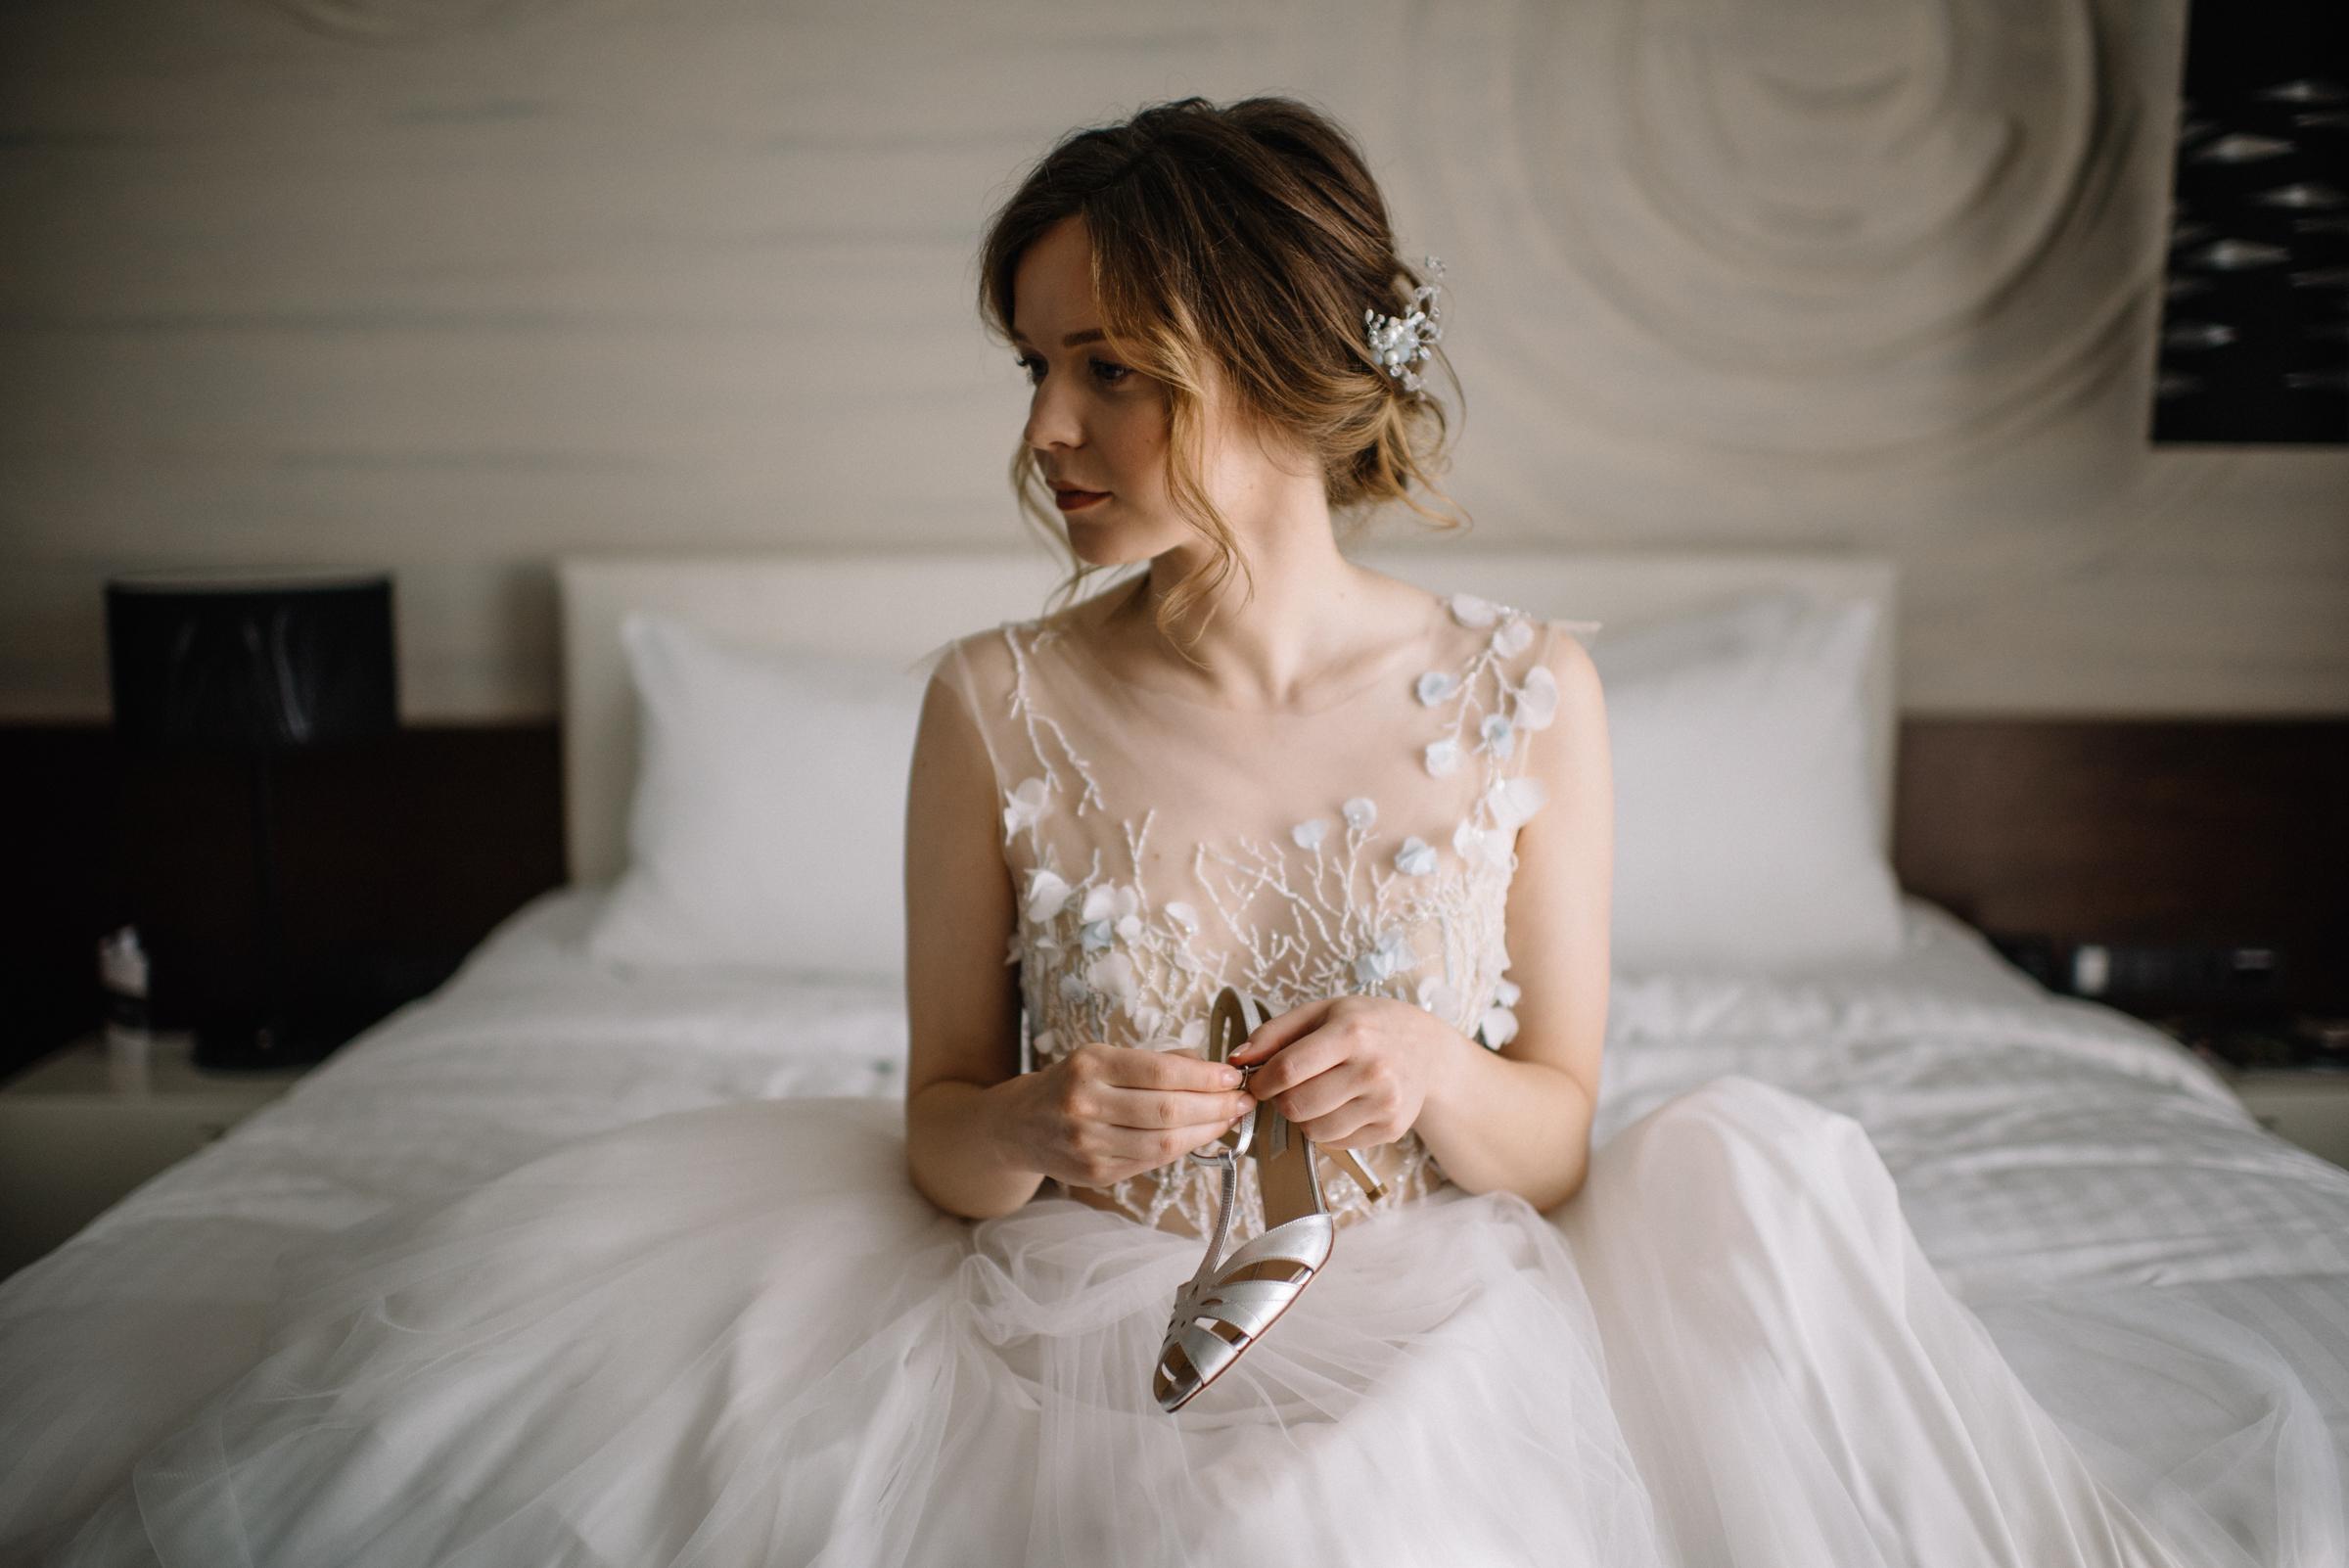 00052_AA_Wedding_2400px